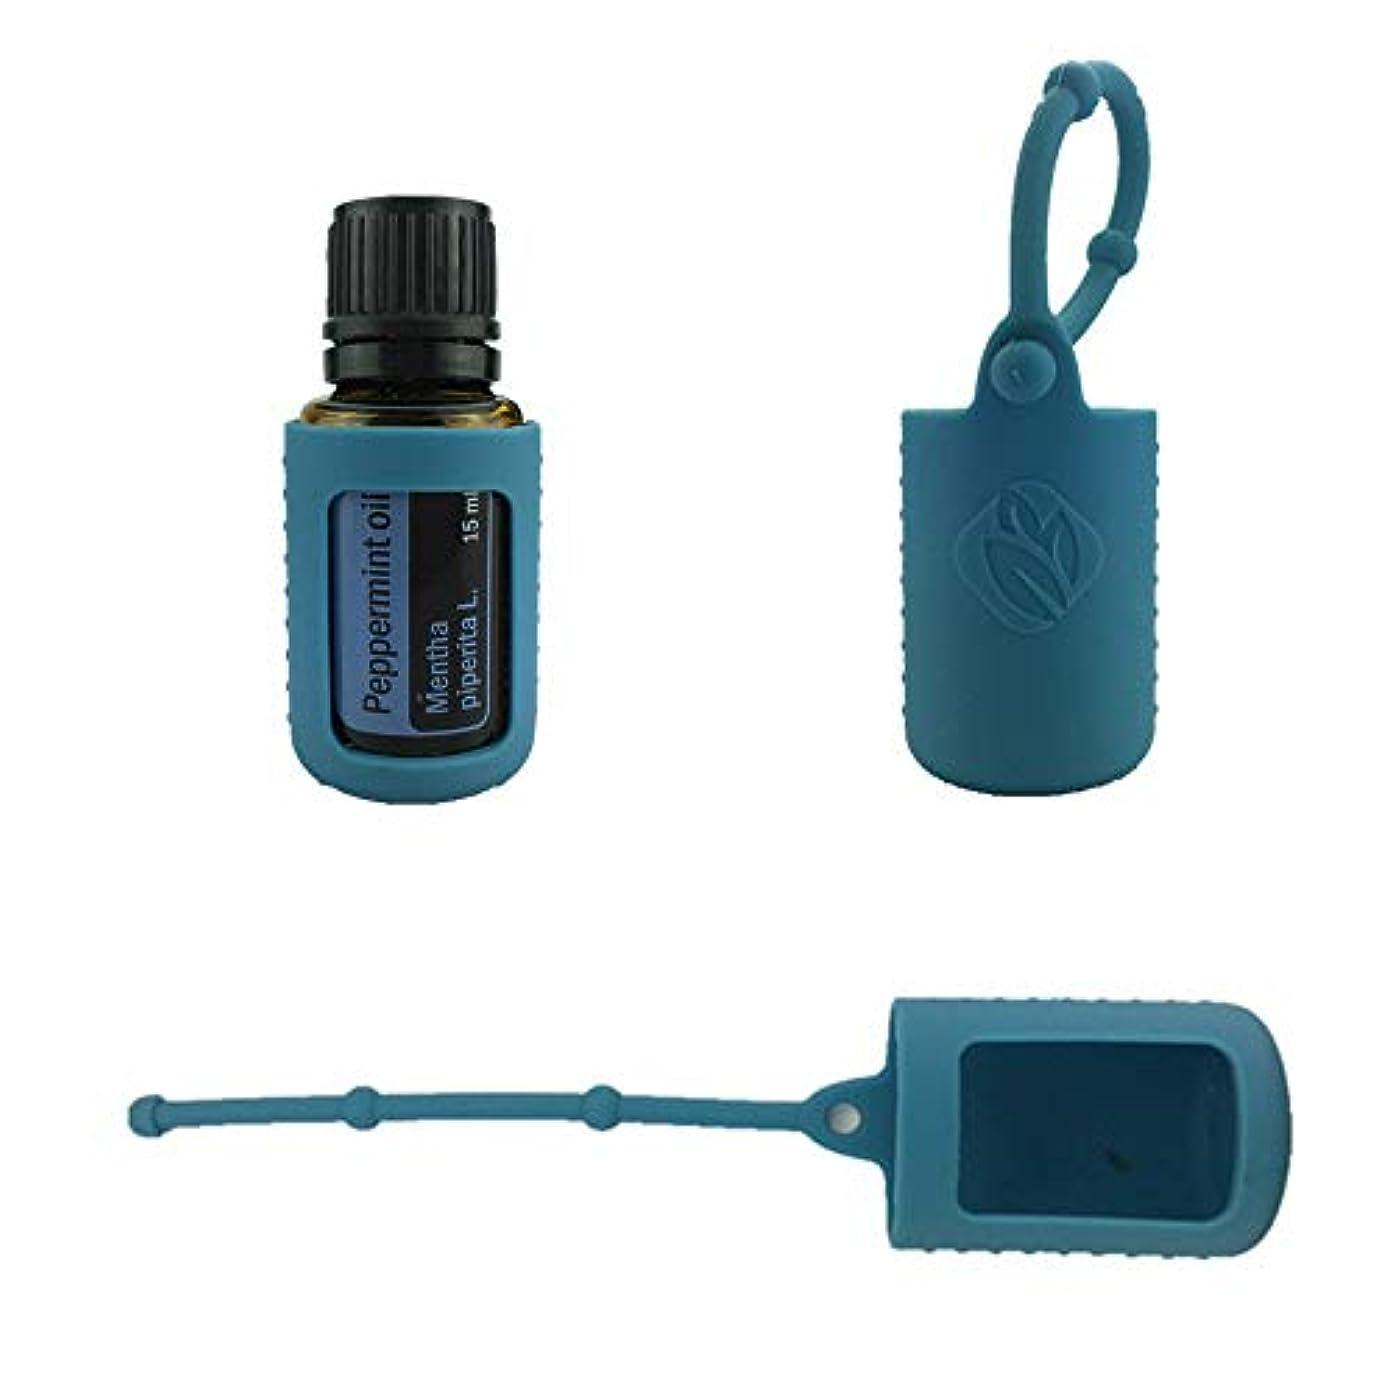 理由エンジニアリング符号6パック熱望オイルボトルシリコンローラーボトルホルダースリーブエッセンシャルオイルボトル保護カバーケースハングロープ - ダンク ブルー - 6-pcs 5ml